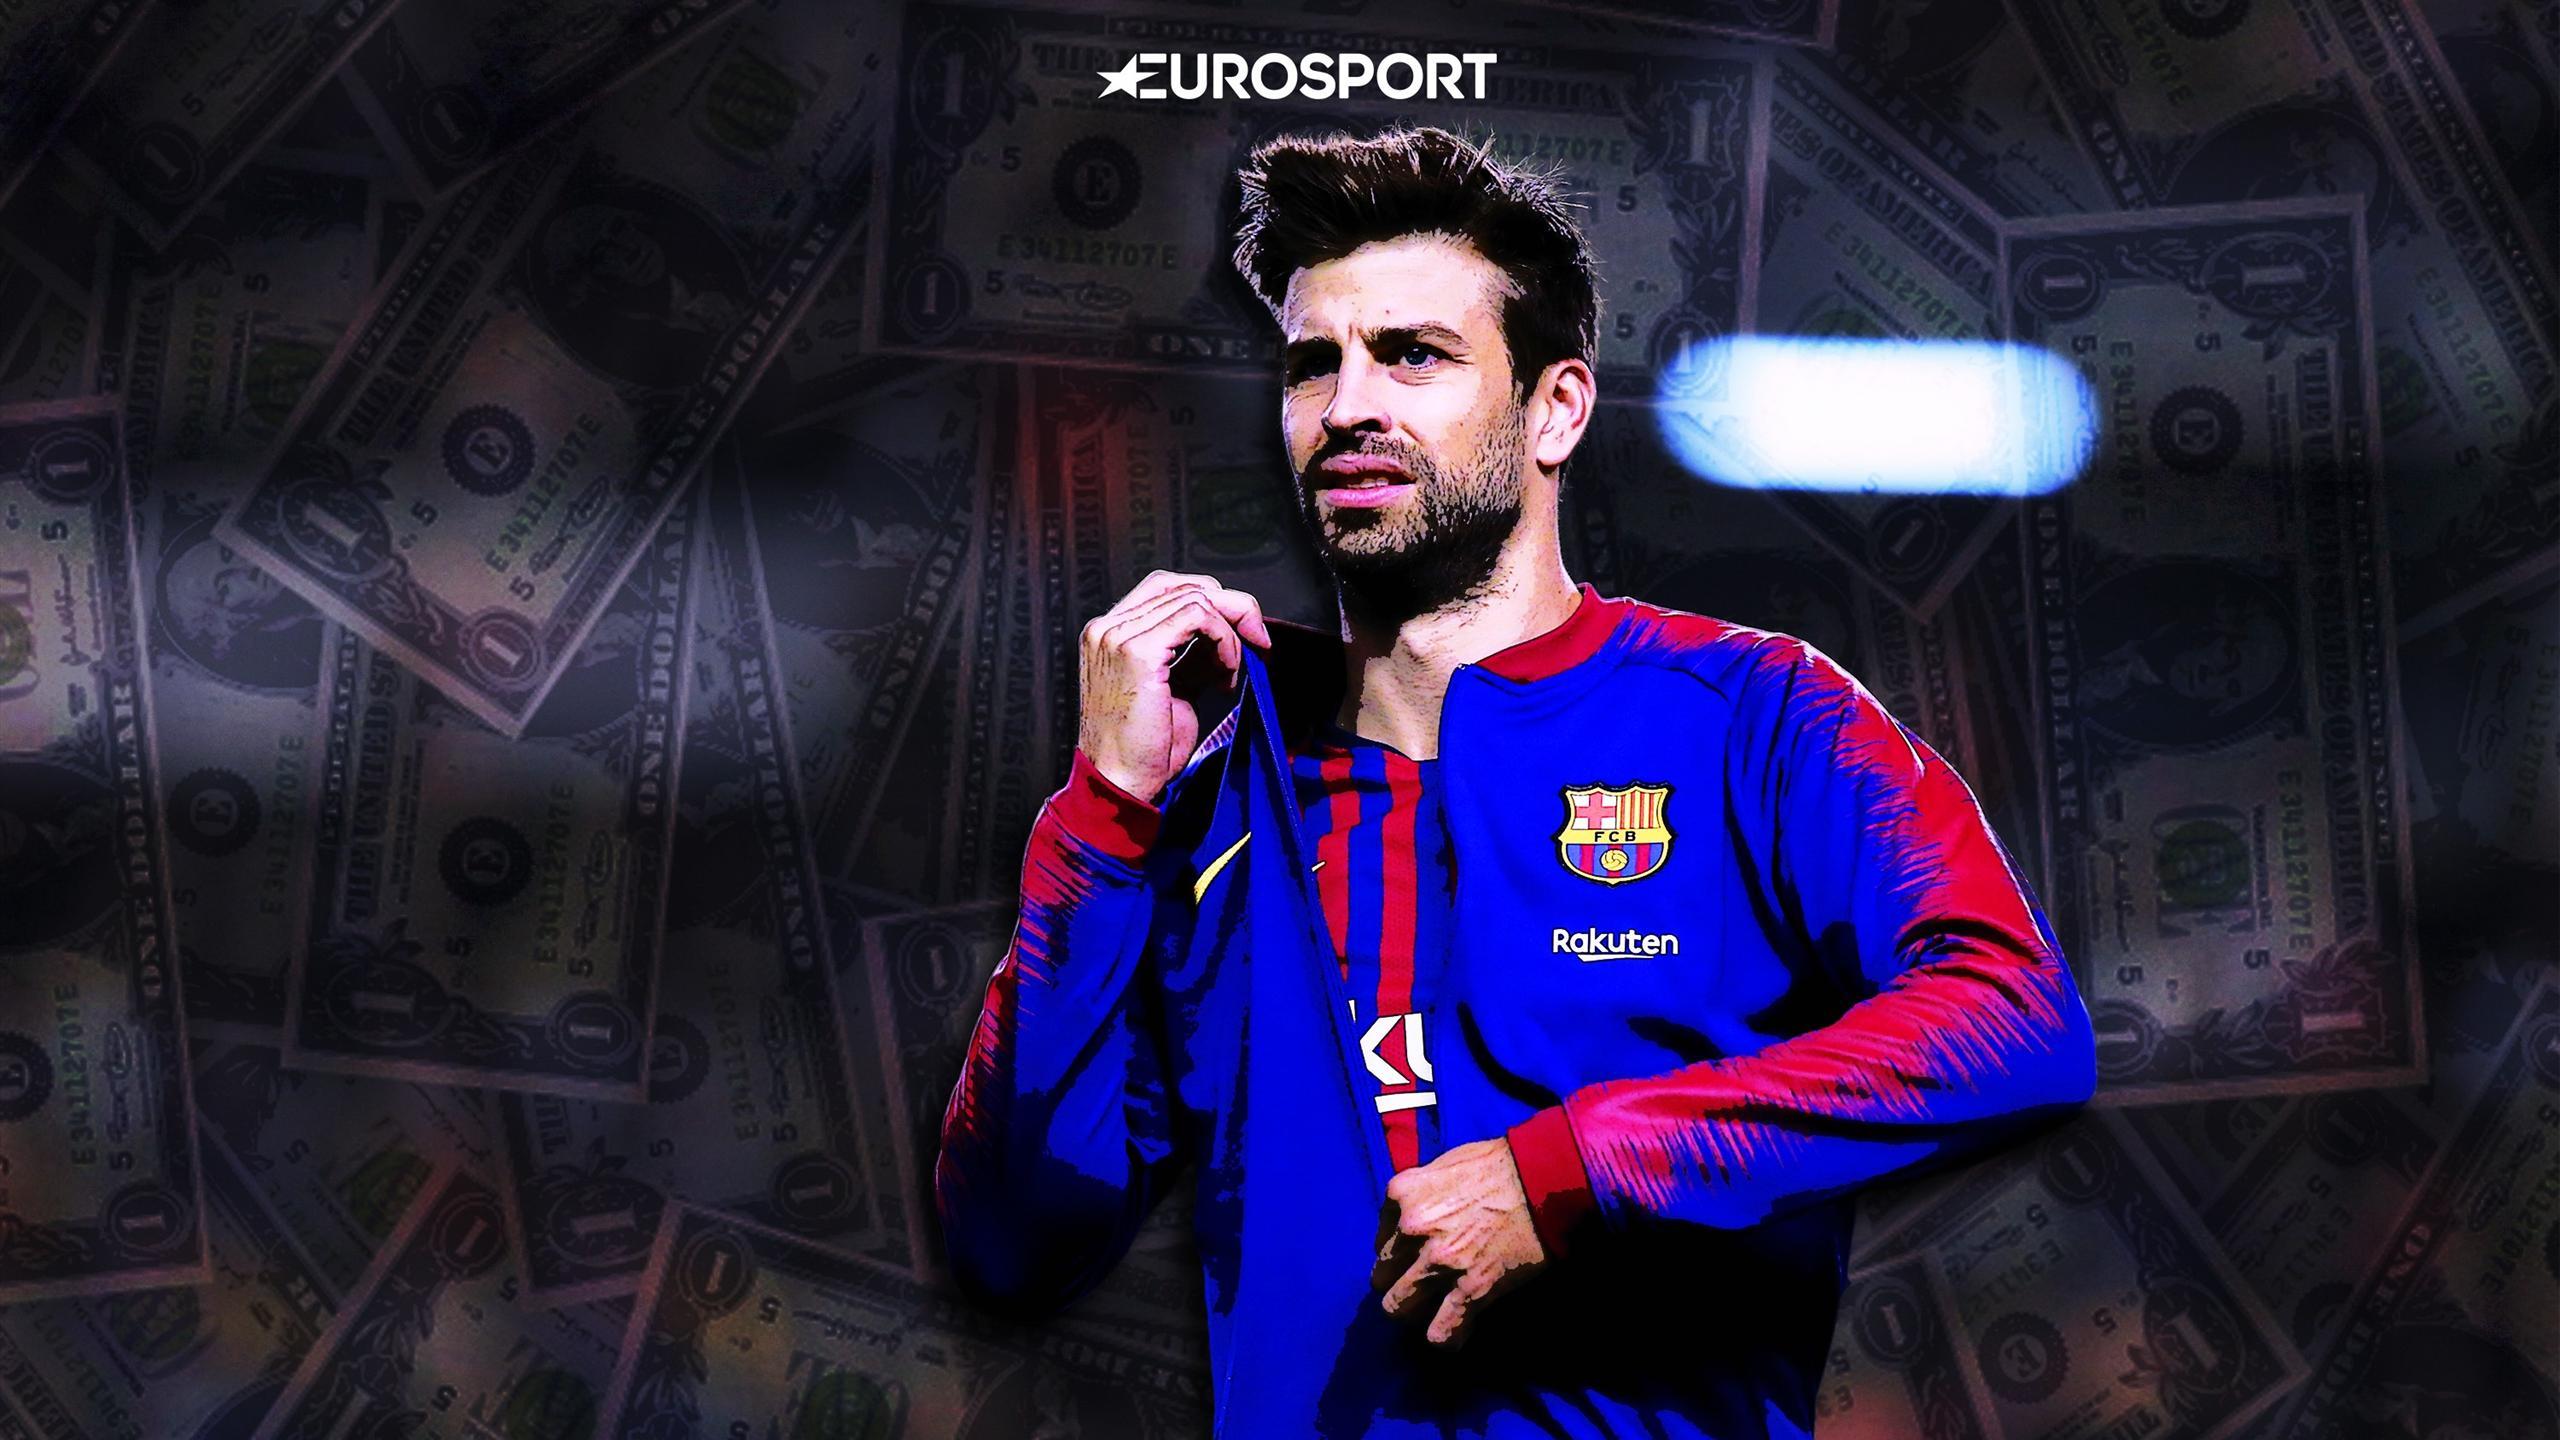 Флэш футбол испанская лига